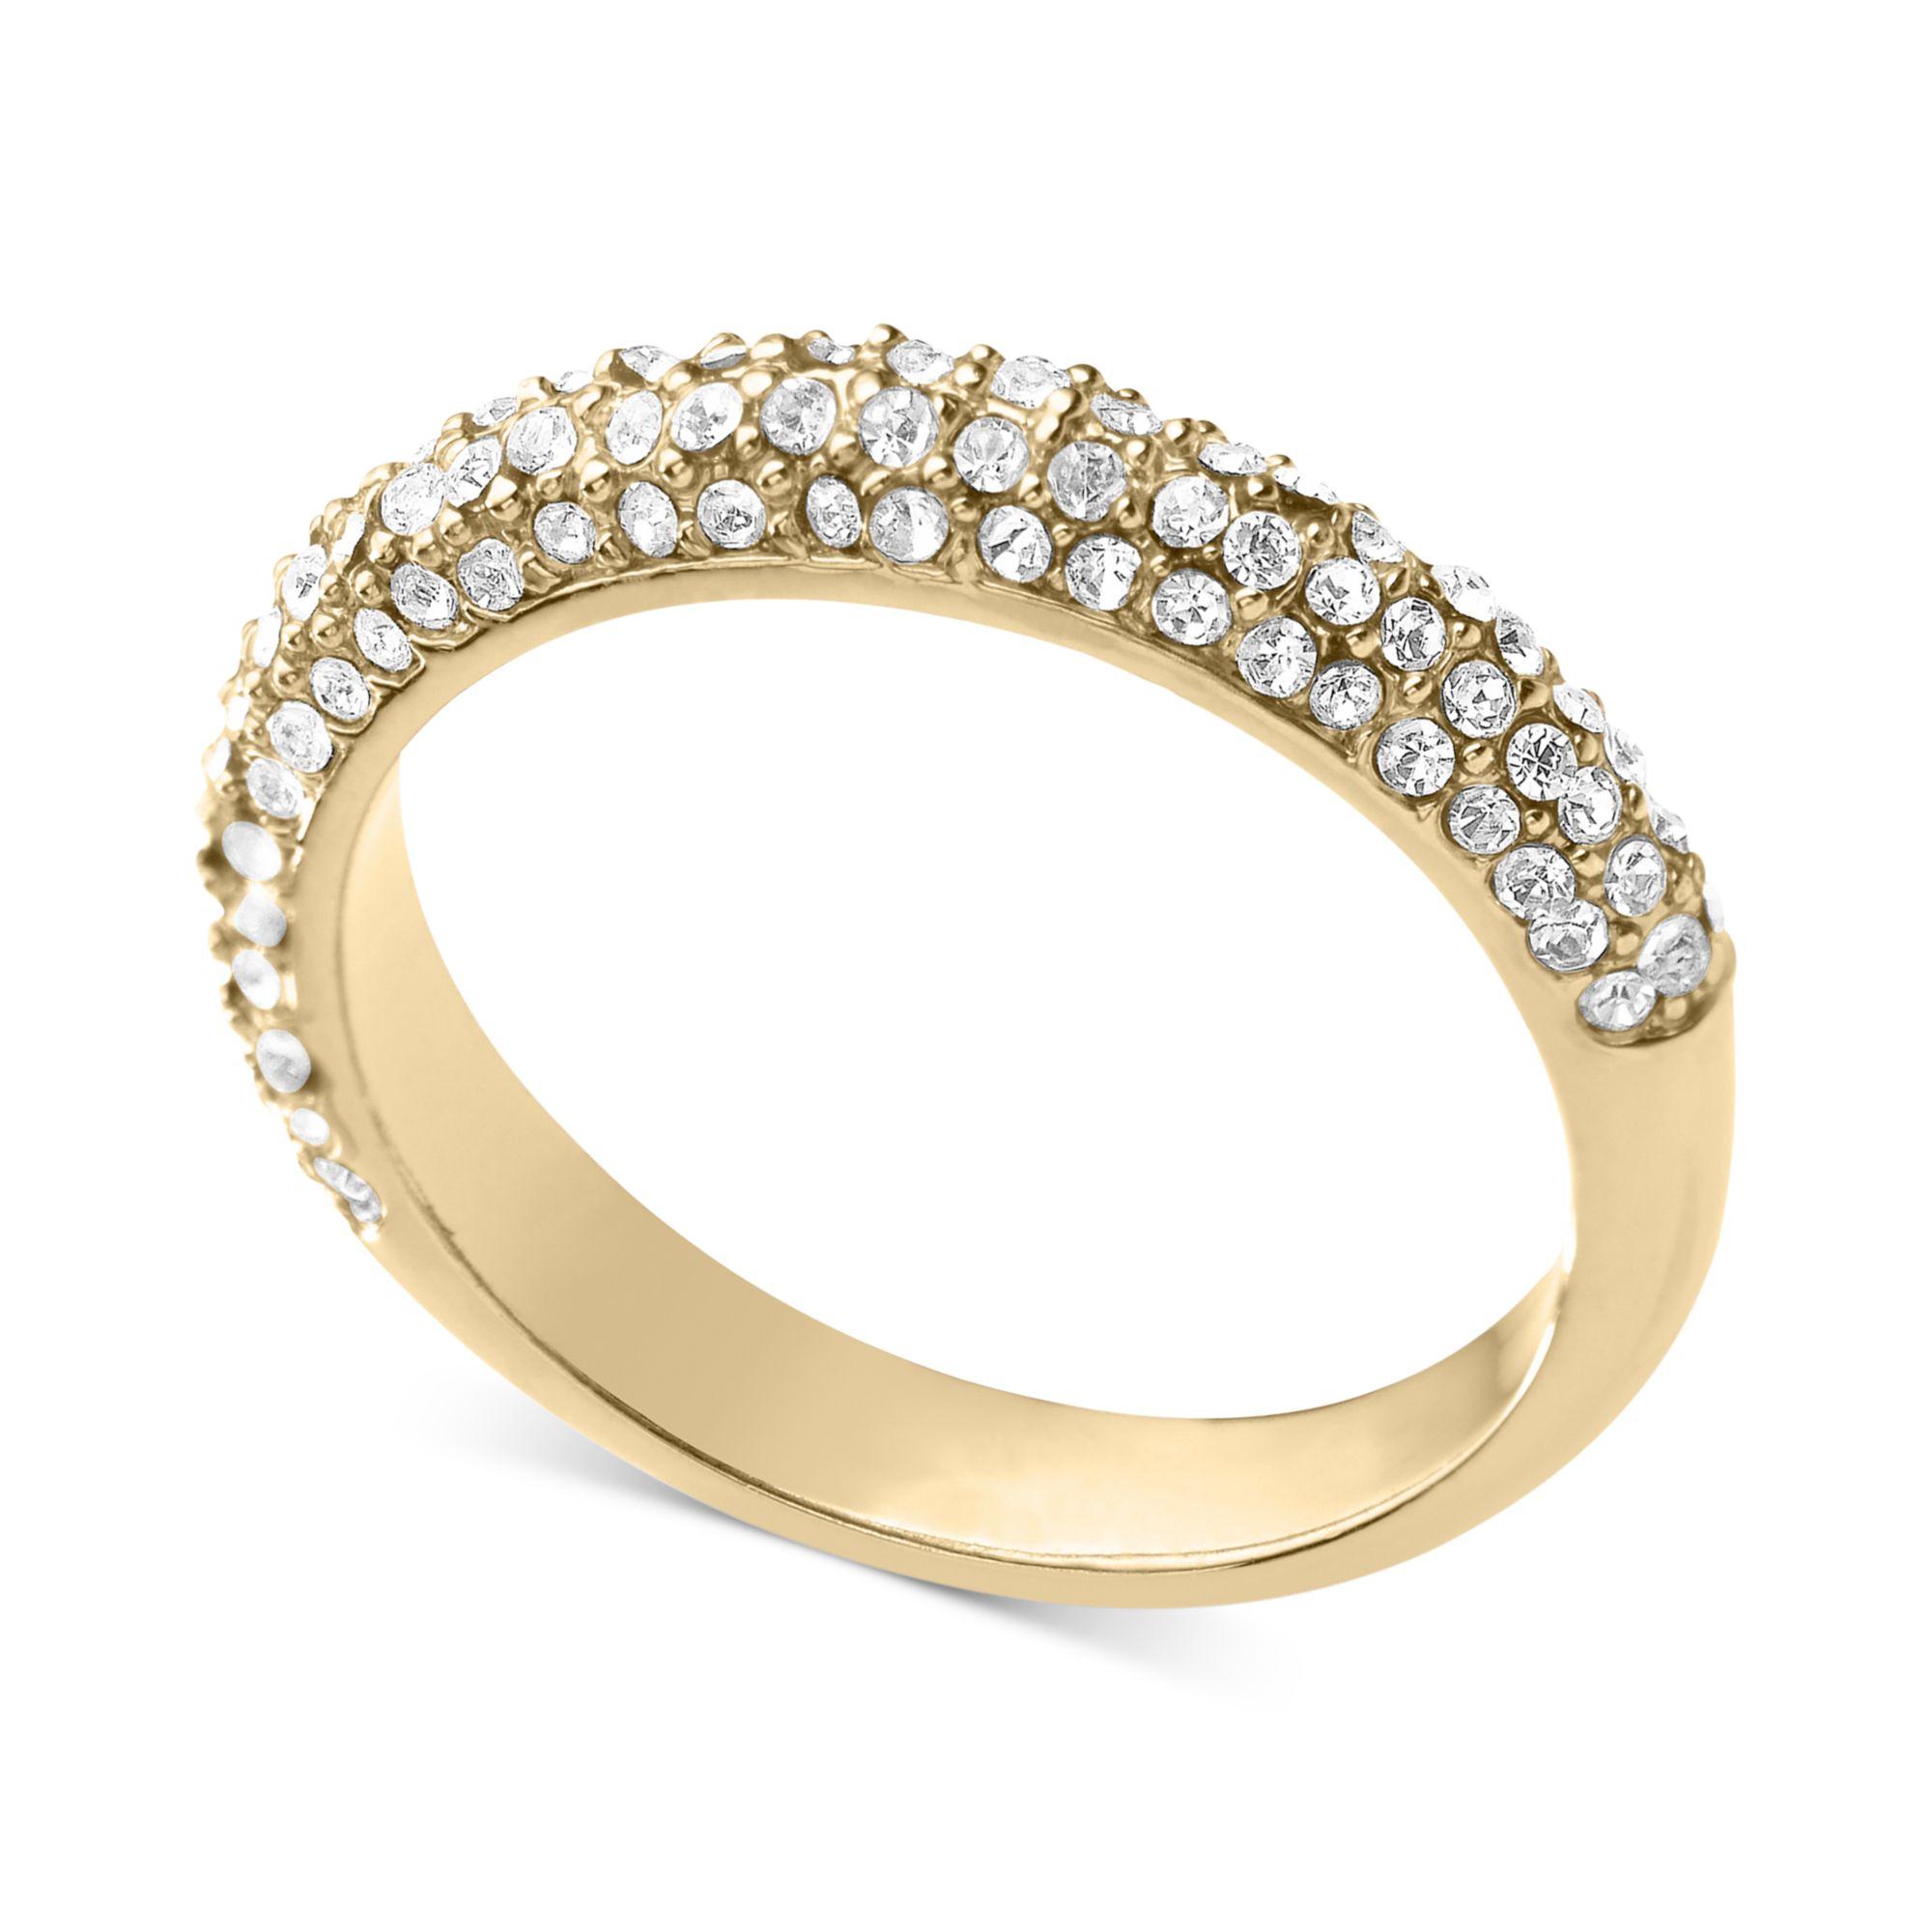 michael kors goldtone crystal band ring in gold no color. Black Bedroom Furniture Sets. Home Design Ideas